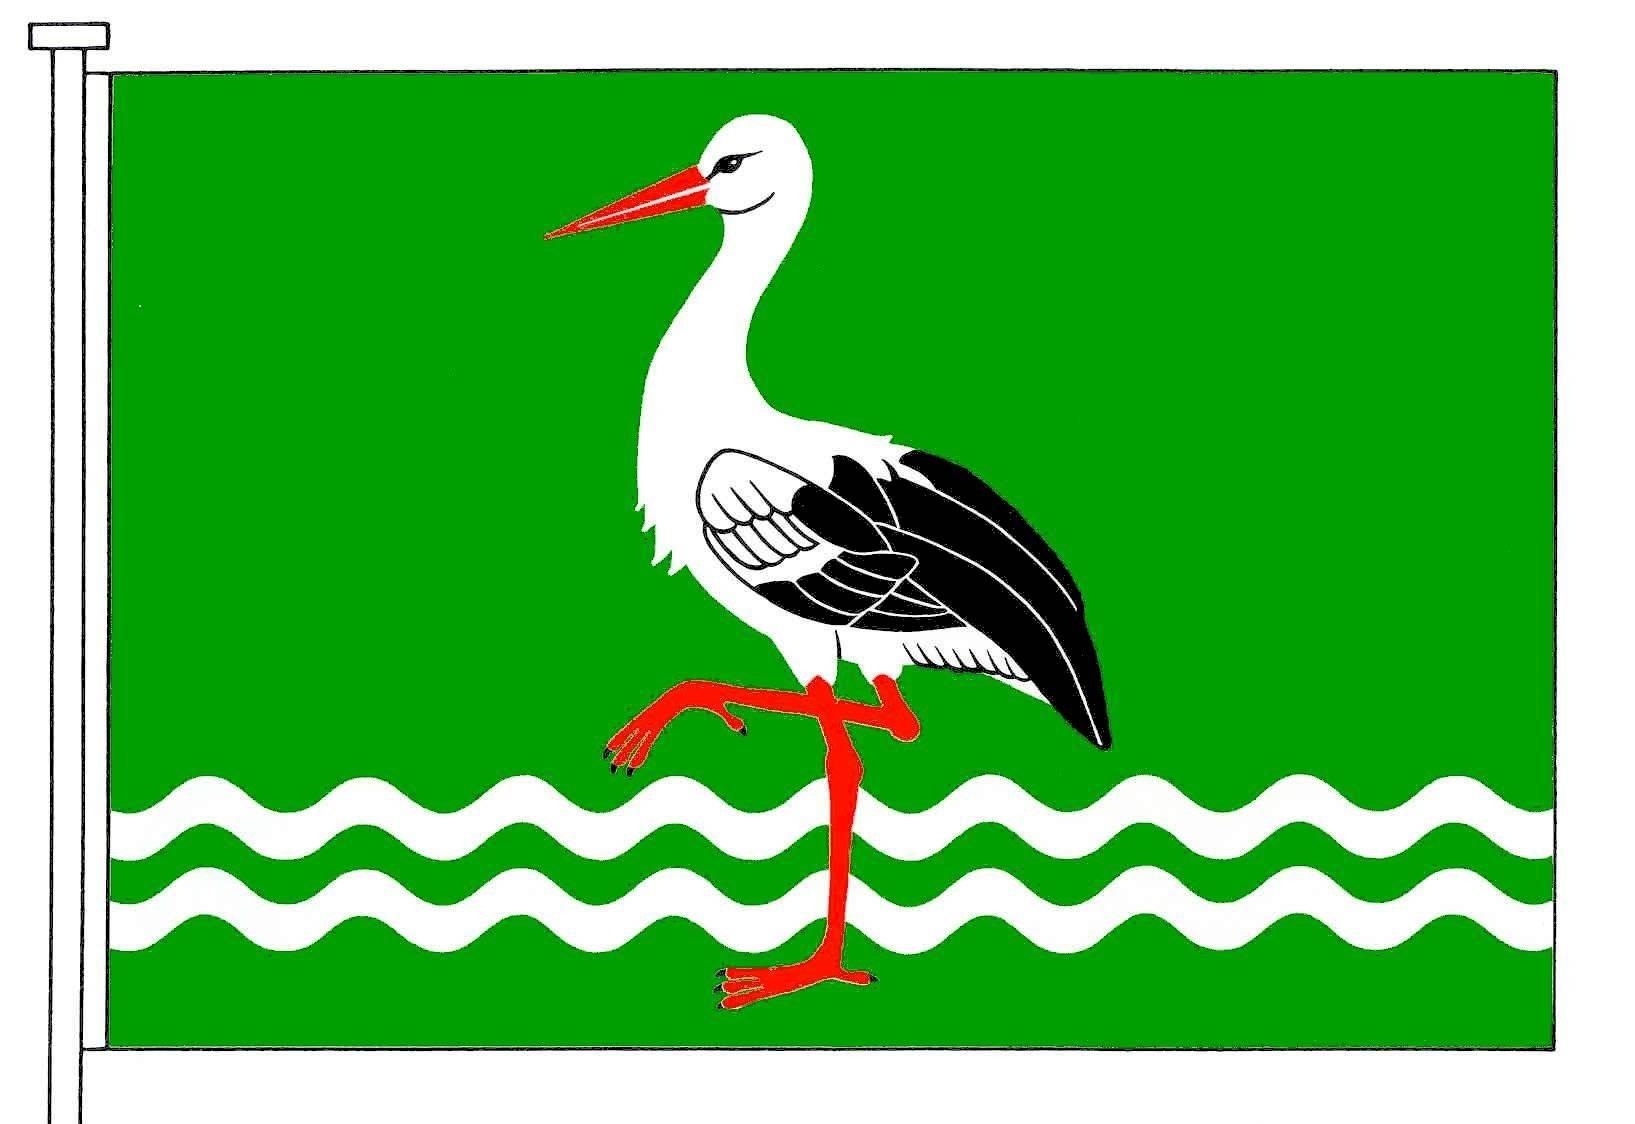 Flagge GemeindeBergenhusen, Kreis Schleswig-Flensburg